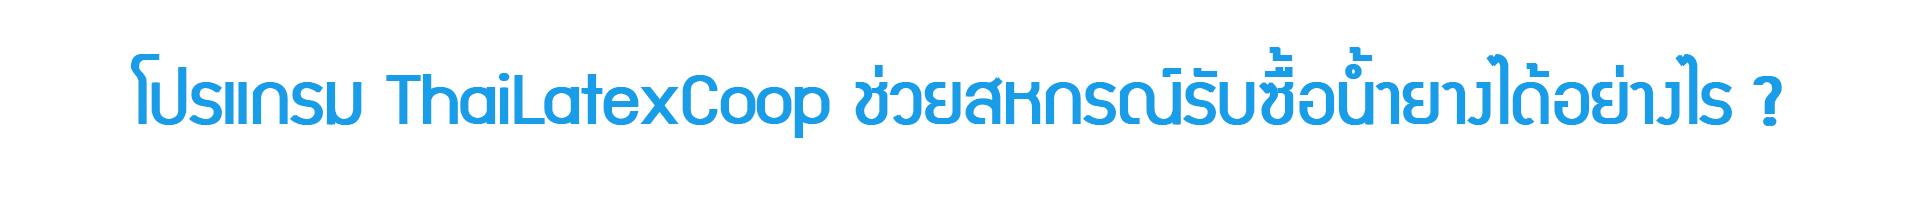 โปรแกรมสหกรณ์รับซื้อน้ำยาง thailatexcoop ช่วยบริหารสหกรณ์กองทุนสวนยางได้อย่างไร